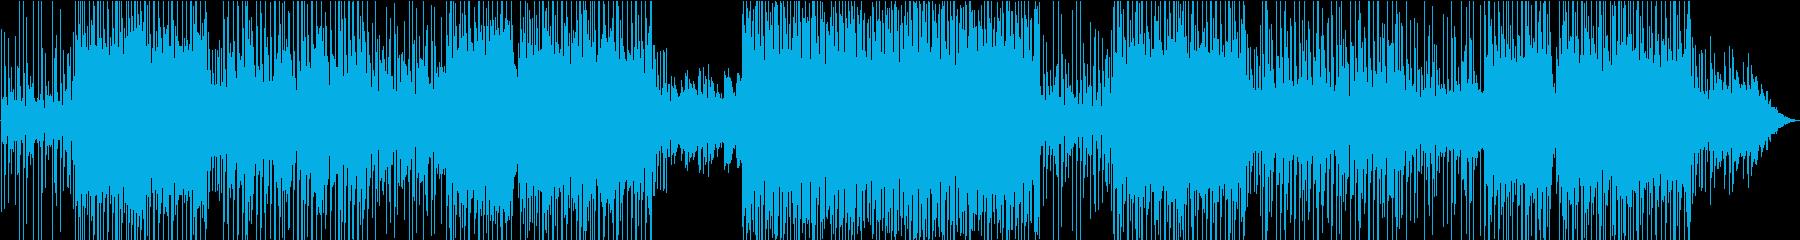 のんびりムードのファンタジー系EDMの再生済みの波形